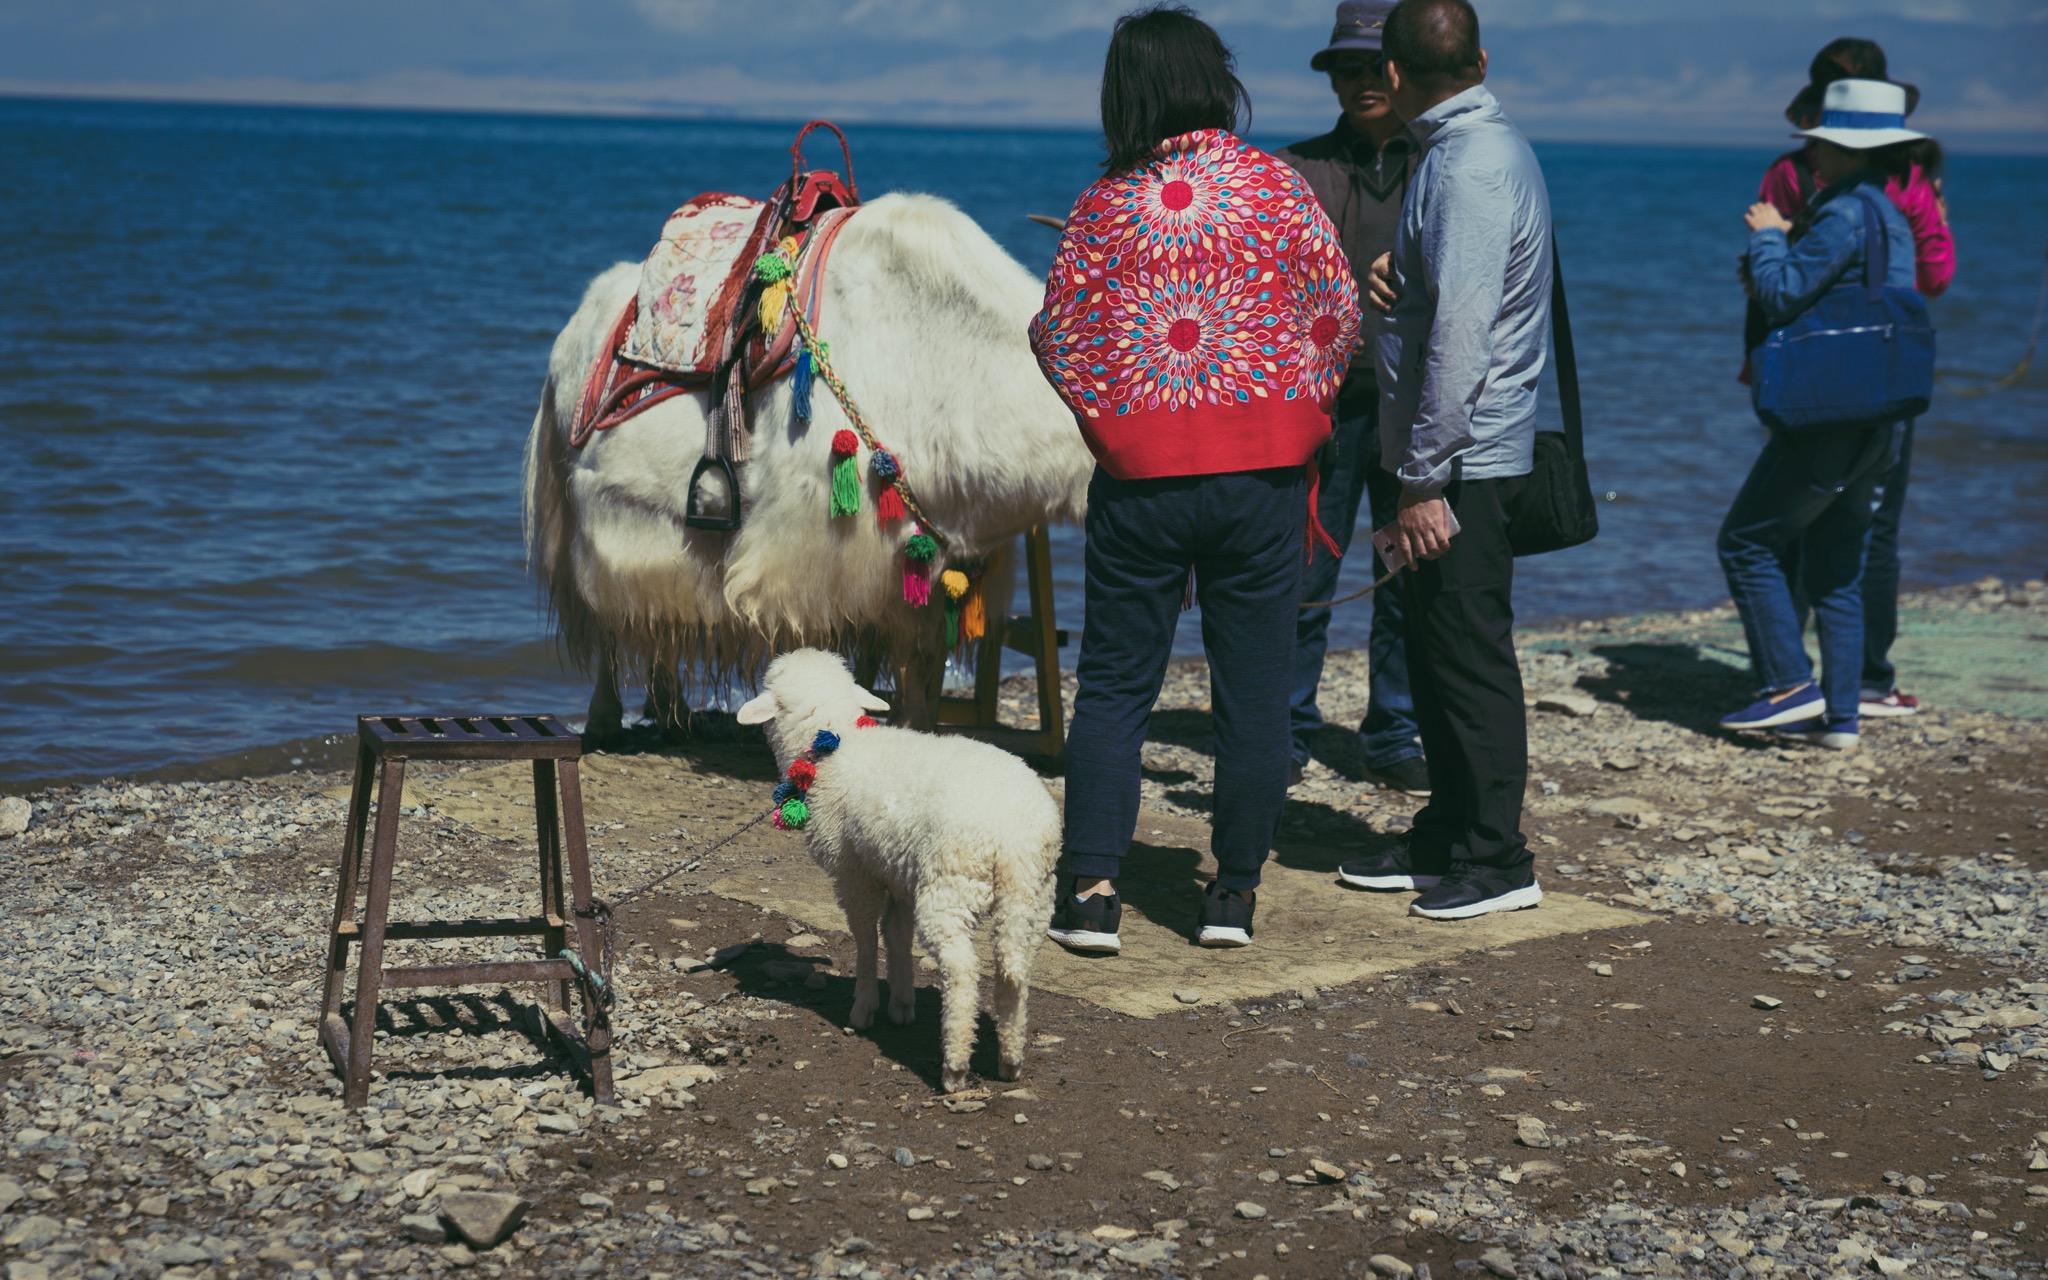 青海湖边可怜的小羊羔